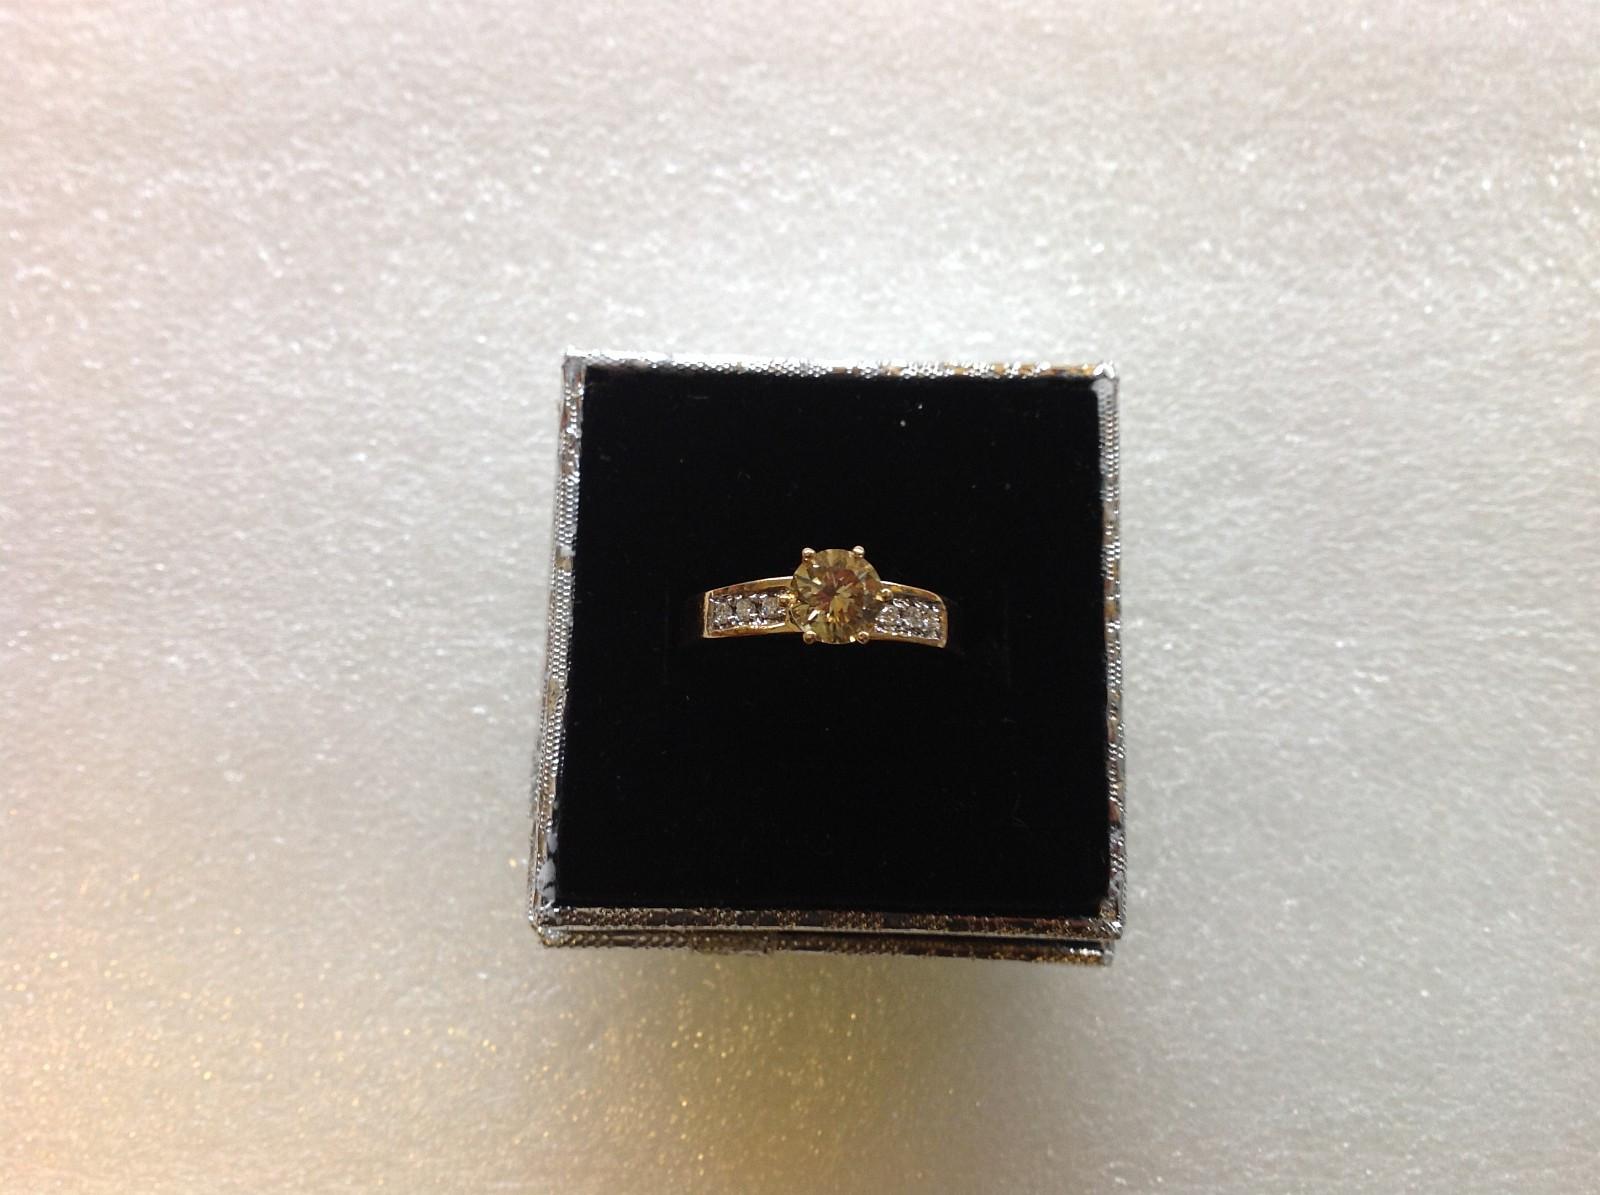 Ring gult gull - Mandal  - Ring i gult gull 18 karat gull med 6 små diamanter og 1 solo sten 1.24 CT color fancy yellow clarity Vs2. Størelse 10.5 for mer info ring eller Mail takst og sertefikat foreligger pris på forespørsel - Mandal